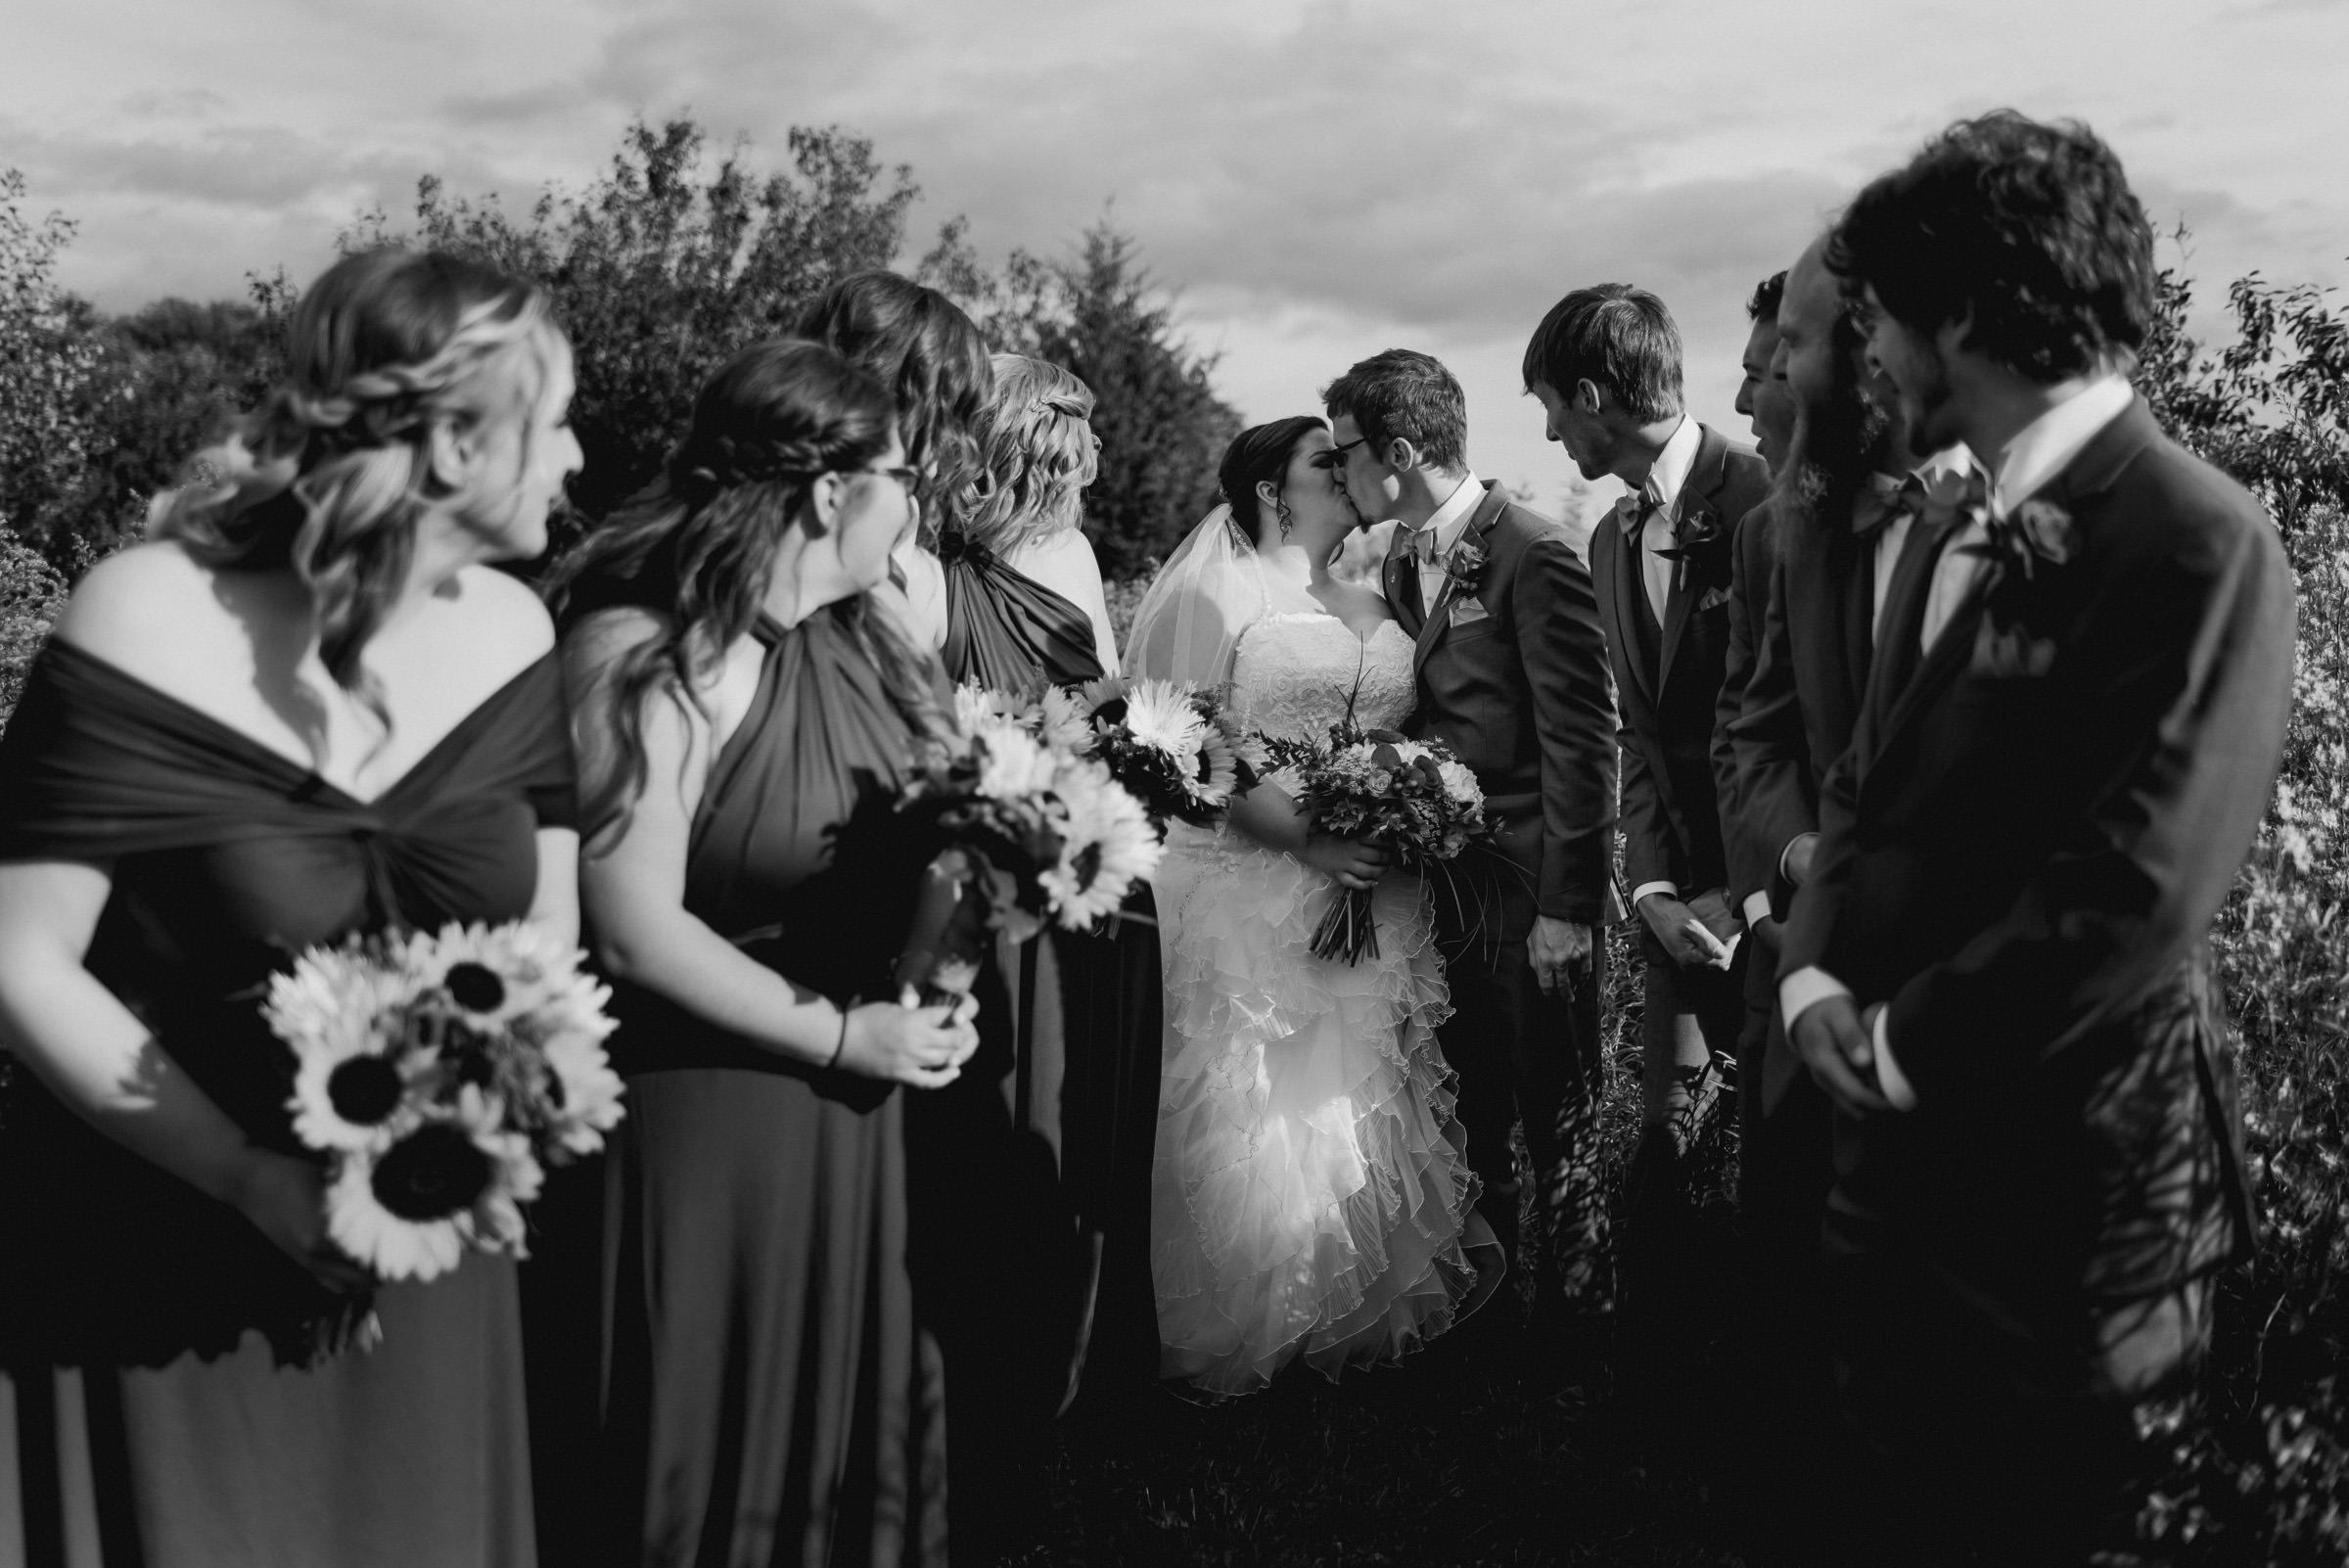 180922_SarahDevon_Wedding_DSC_2660.jpg